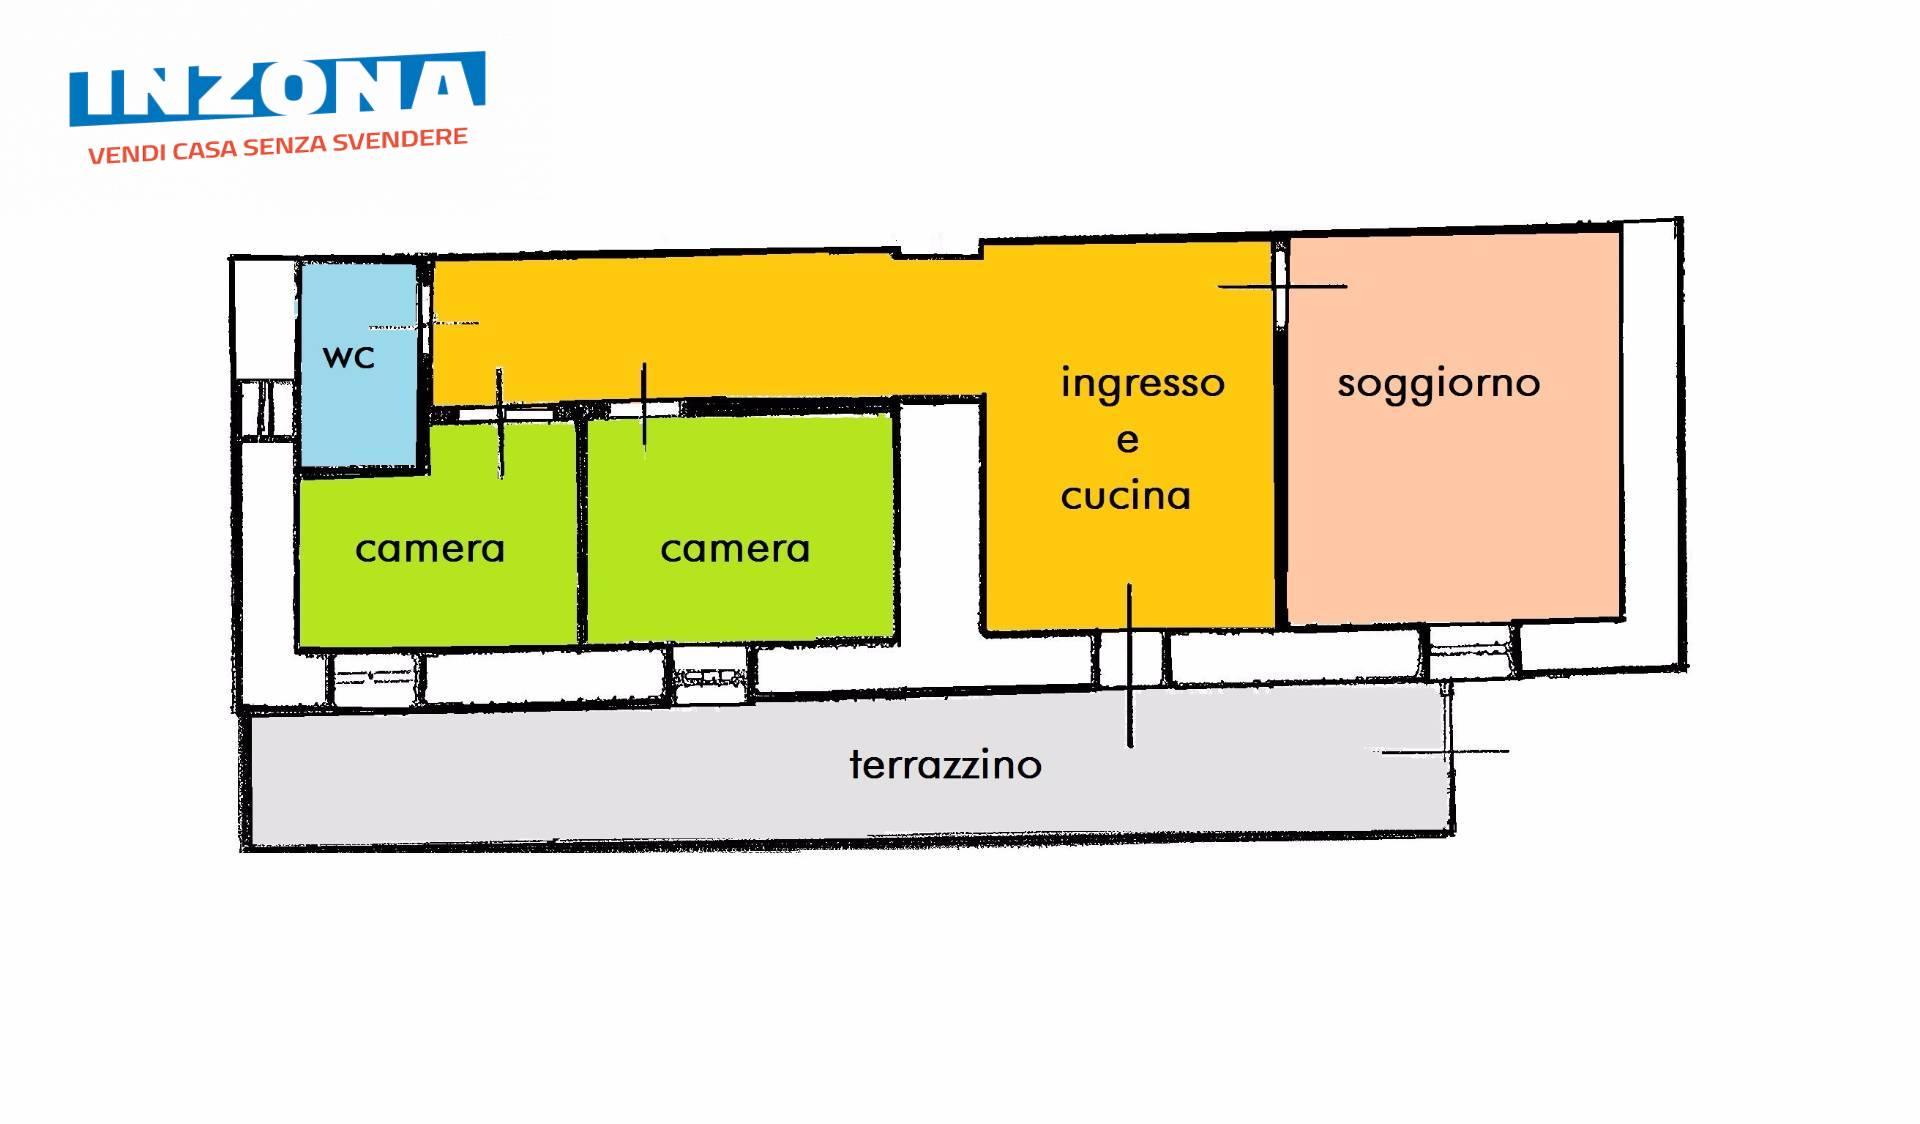 Appartamento in vendita a Teramo, 3 locali, zona Zona: Semicentro , prezzo € 35.000 | CambioCasa.it